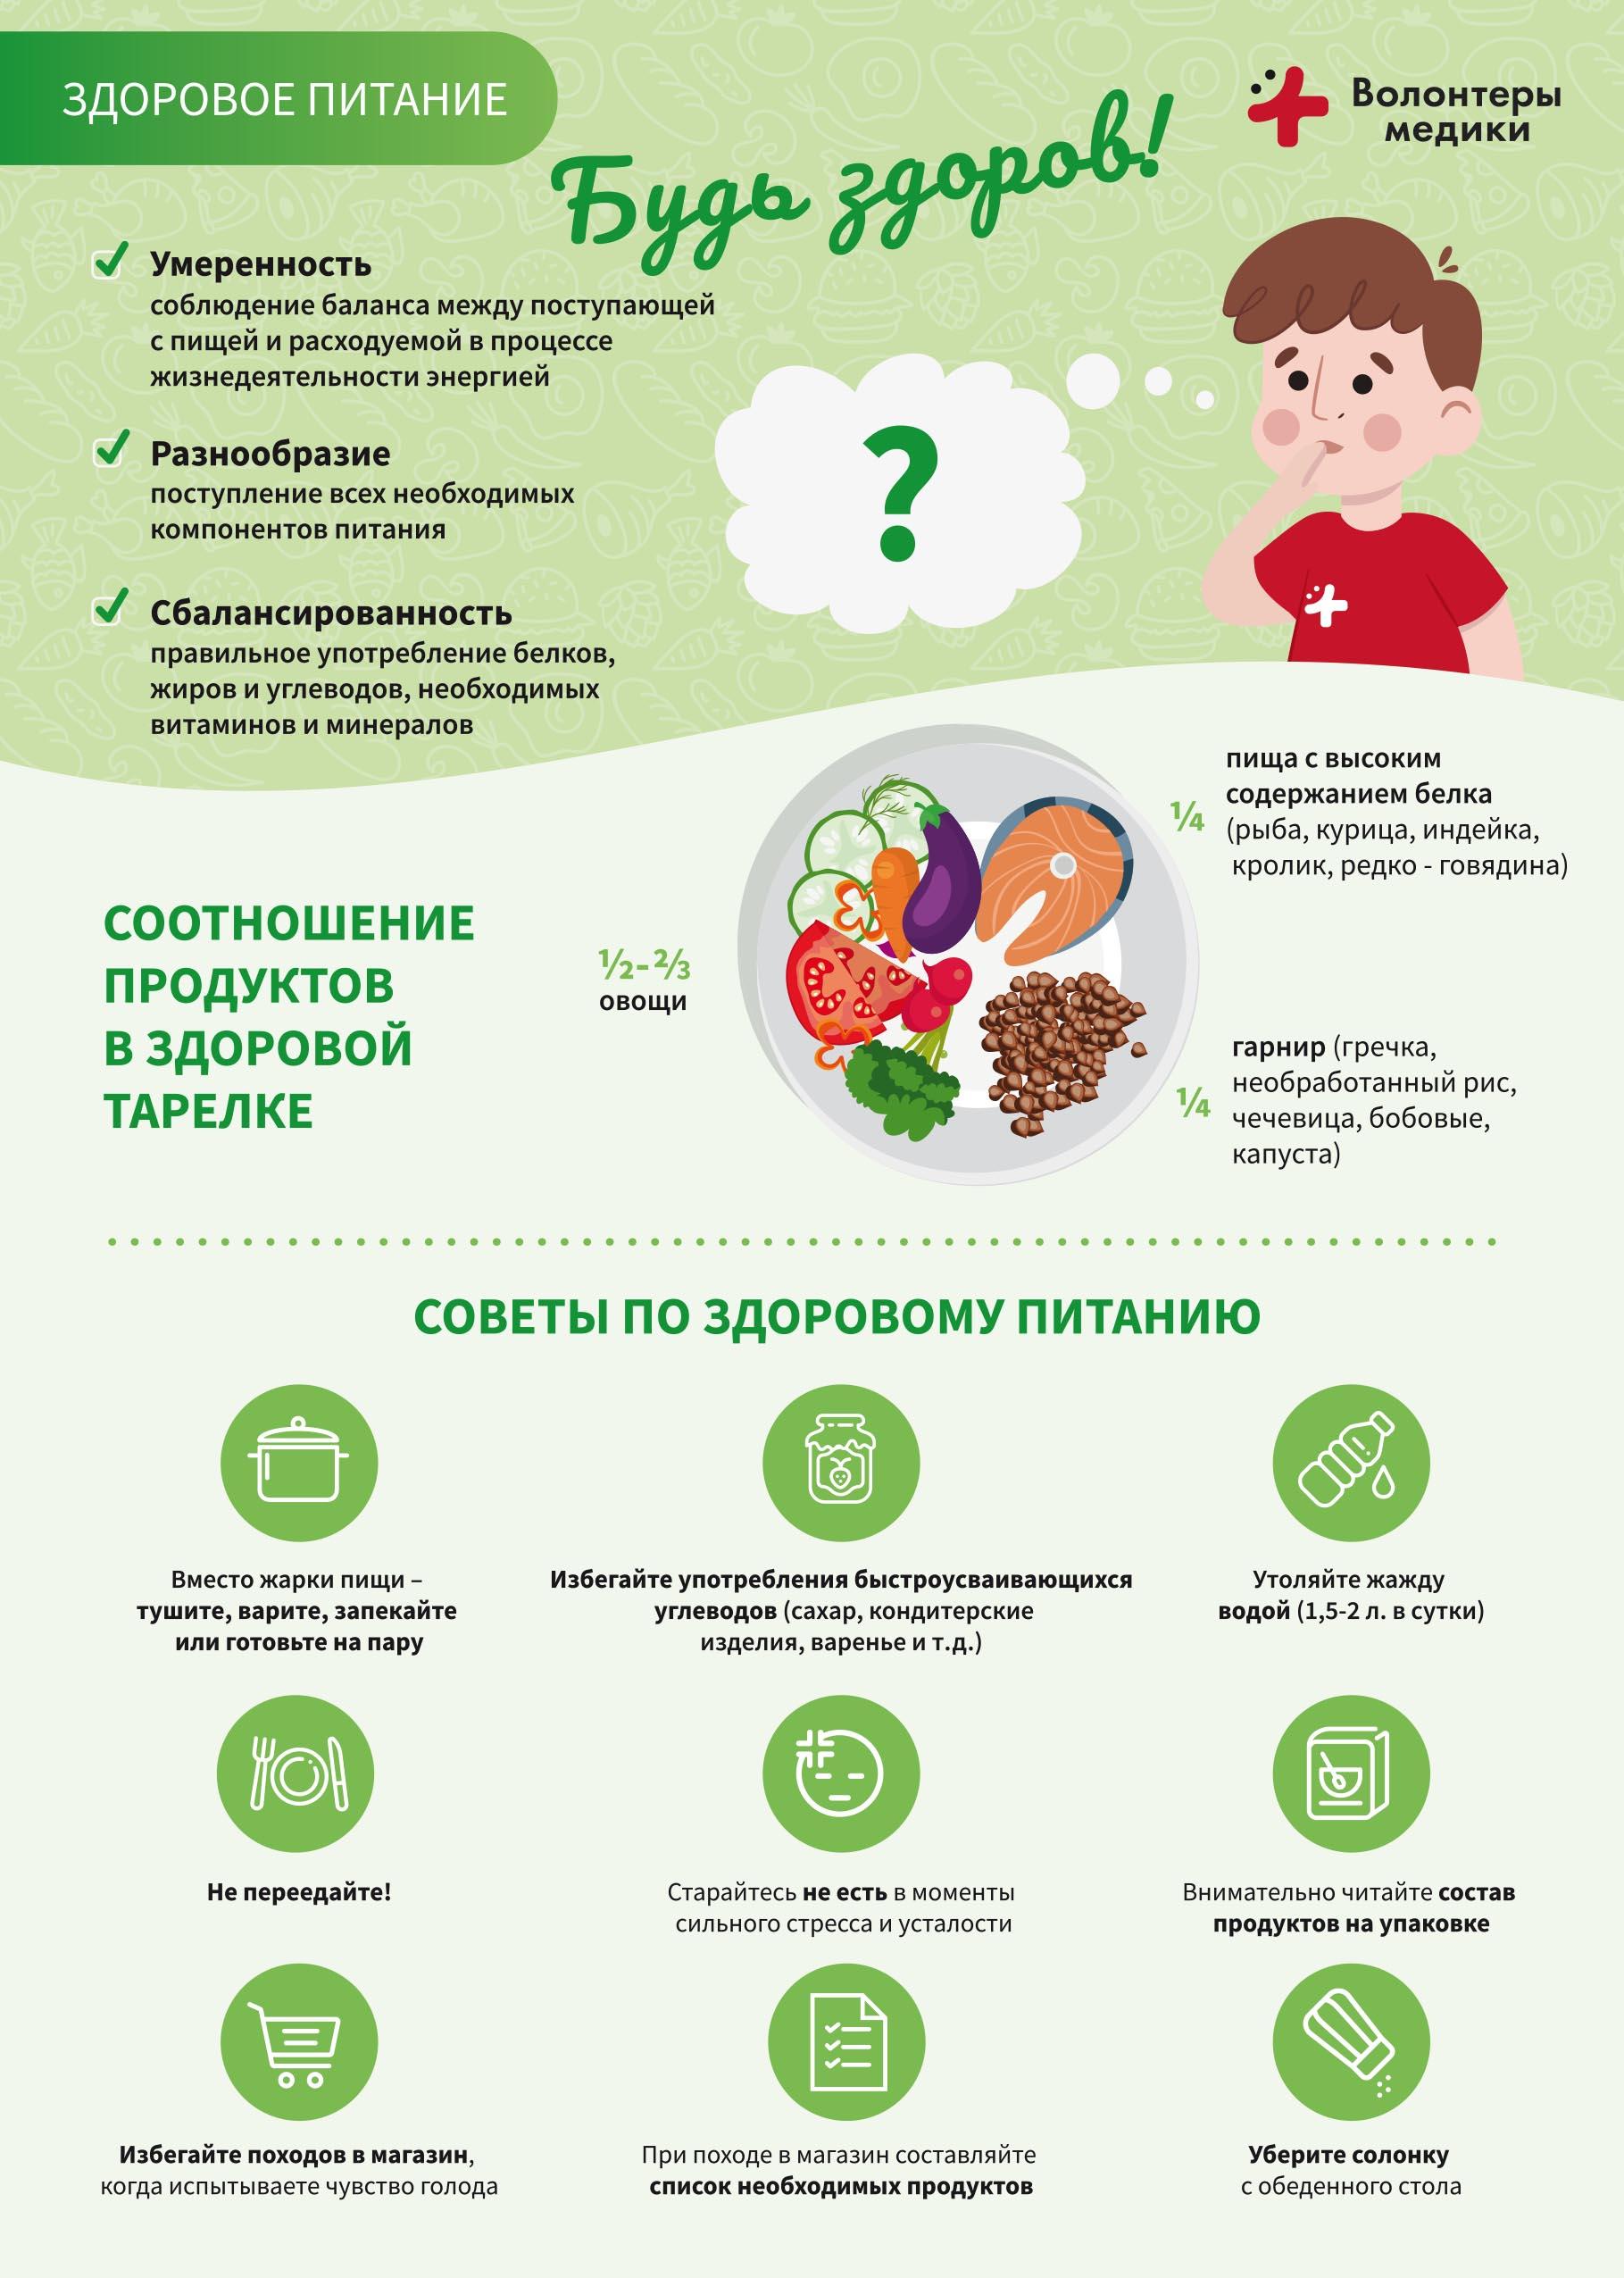 Listovka_na_aktsiyu_po_pitaniyu_na_pechat__1-1.jpg